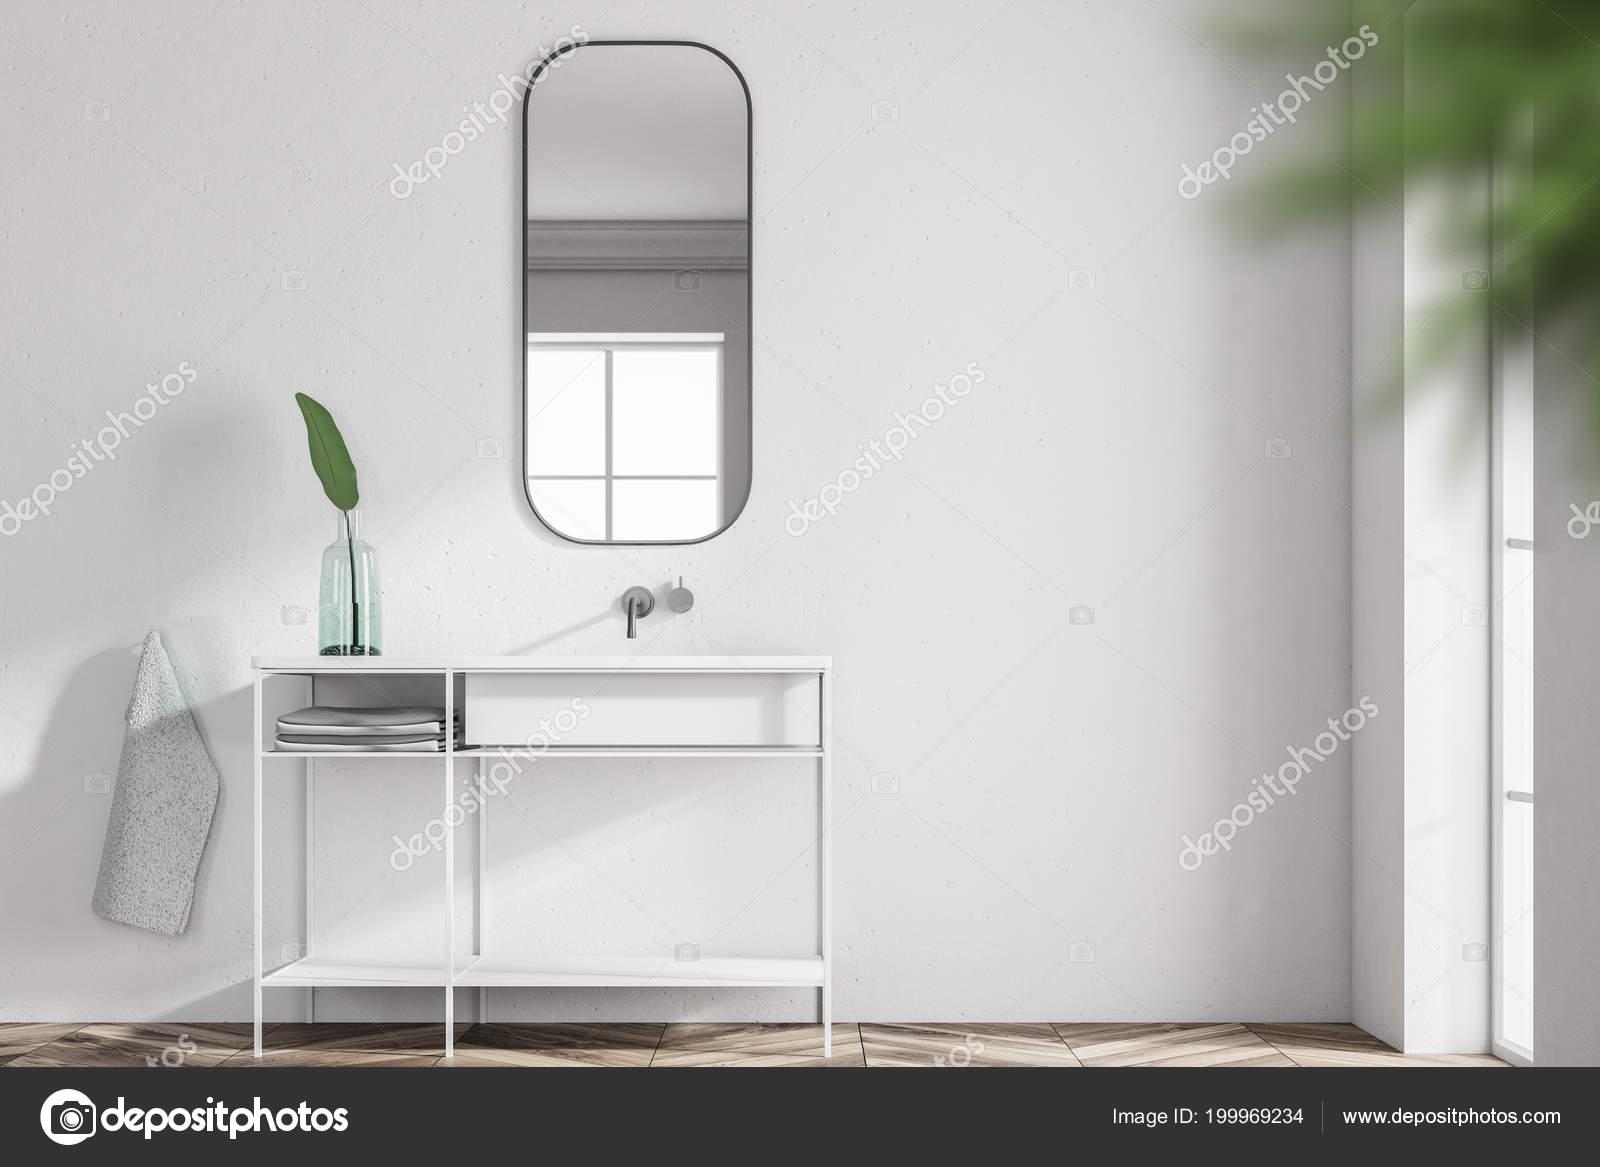 Weiße Badezimmer Waschbecken Stehend Einem Skandinavischen Stil ...